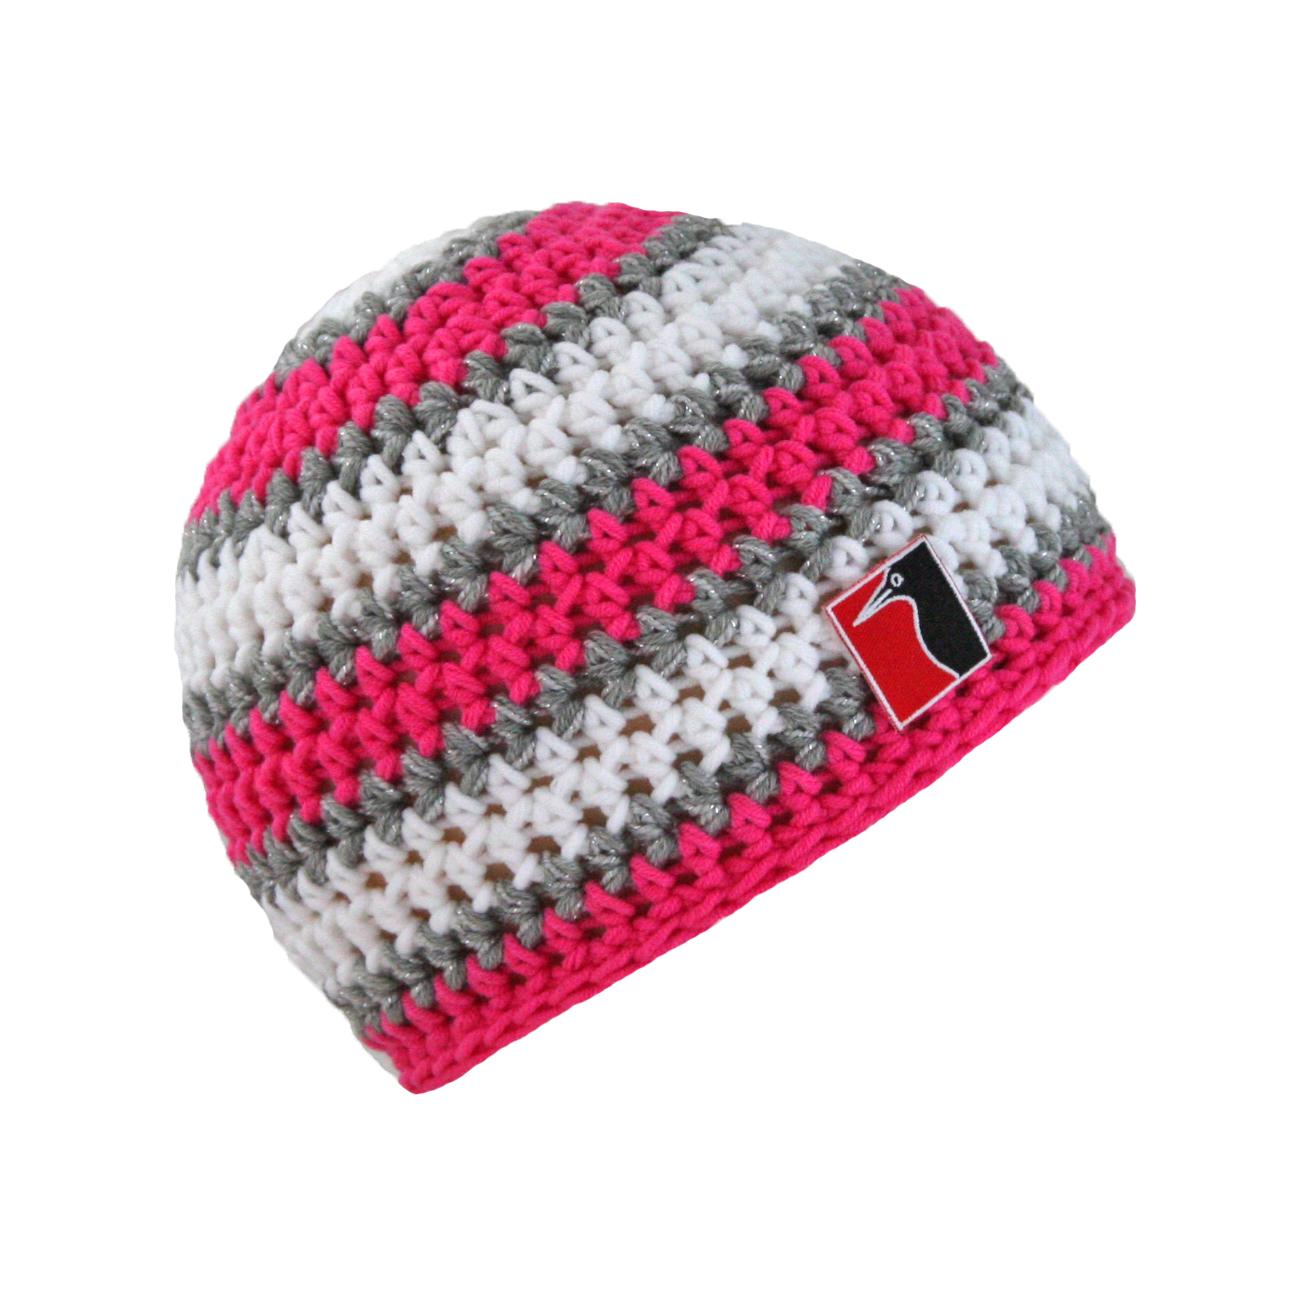 gehäkelte Sommermütze pink Streifen grau weiss